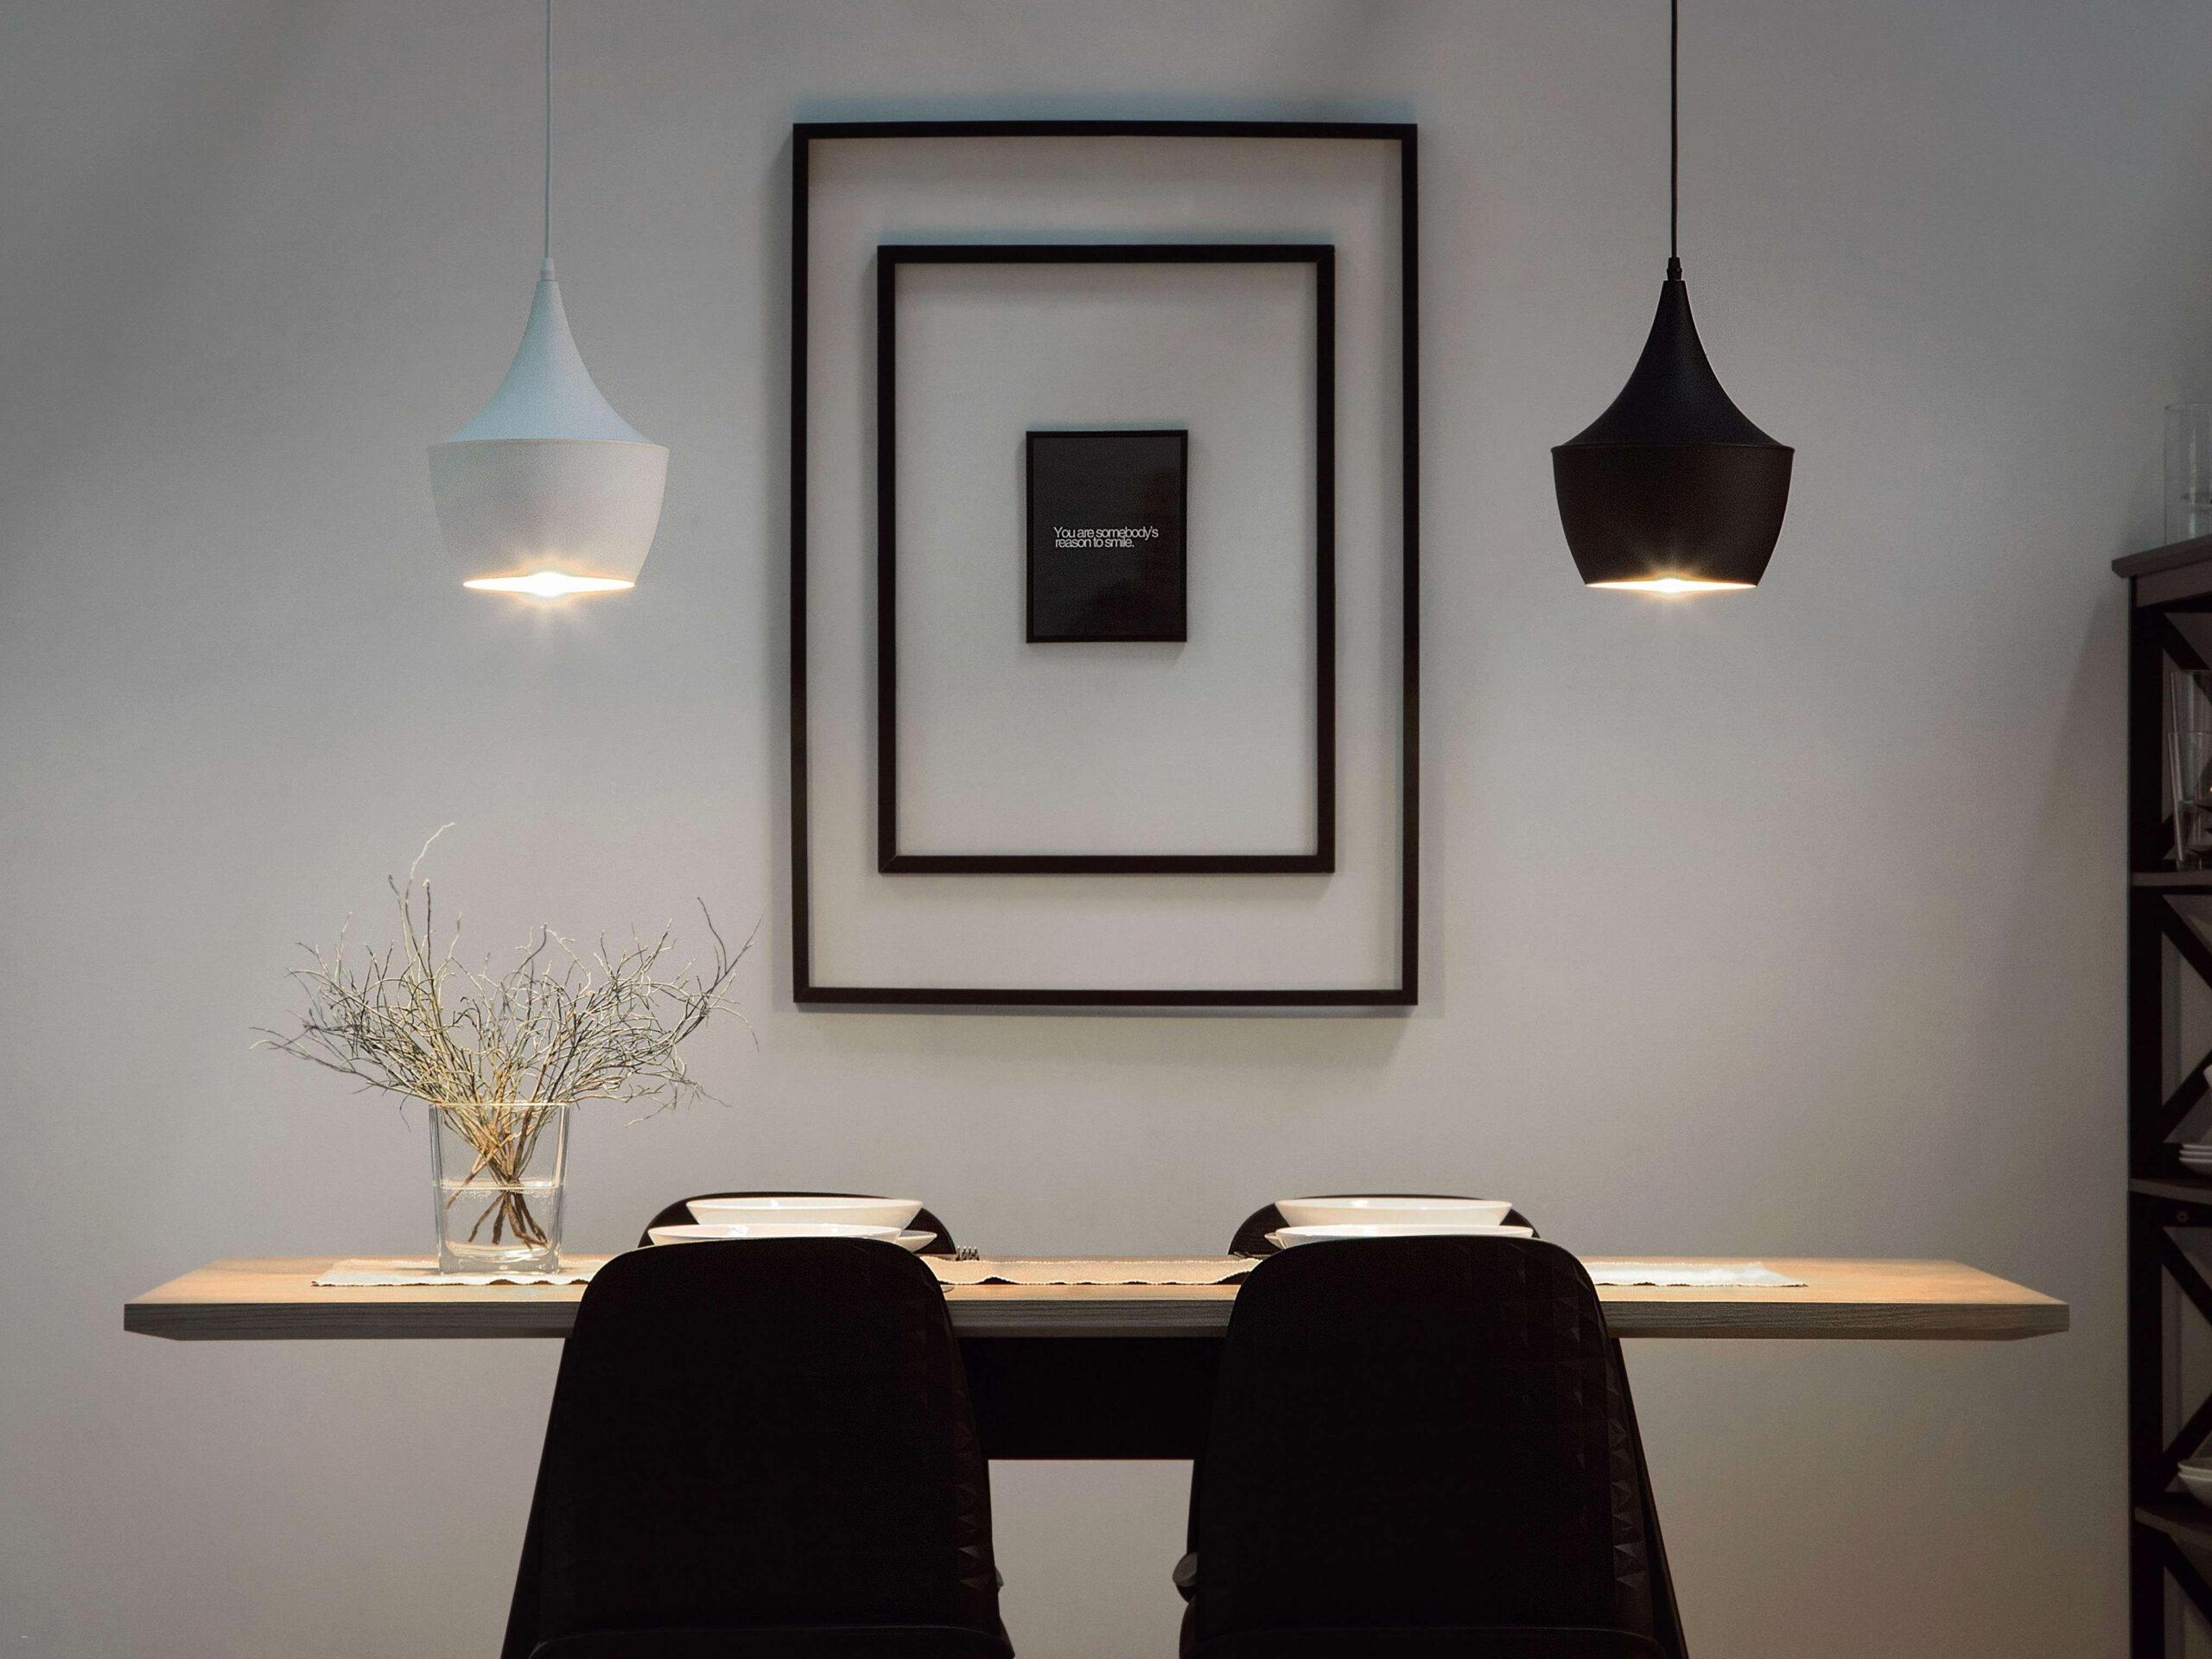 Full Size of Schöne Wohnzimmer Kommode Deckenlampen Modern Großes Bild Liege Deckenleuchte Stehlampe Gardinen Für Wandbild Schrankwand Led Lampen Hängeschrank Weiß Wohnzimmer Schöne Wohnzimmer